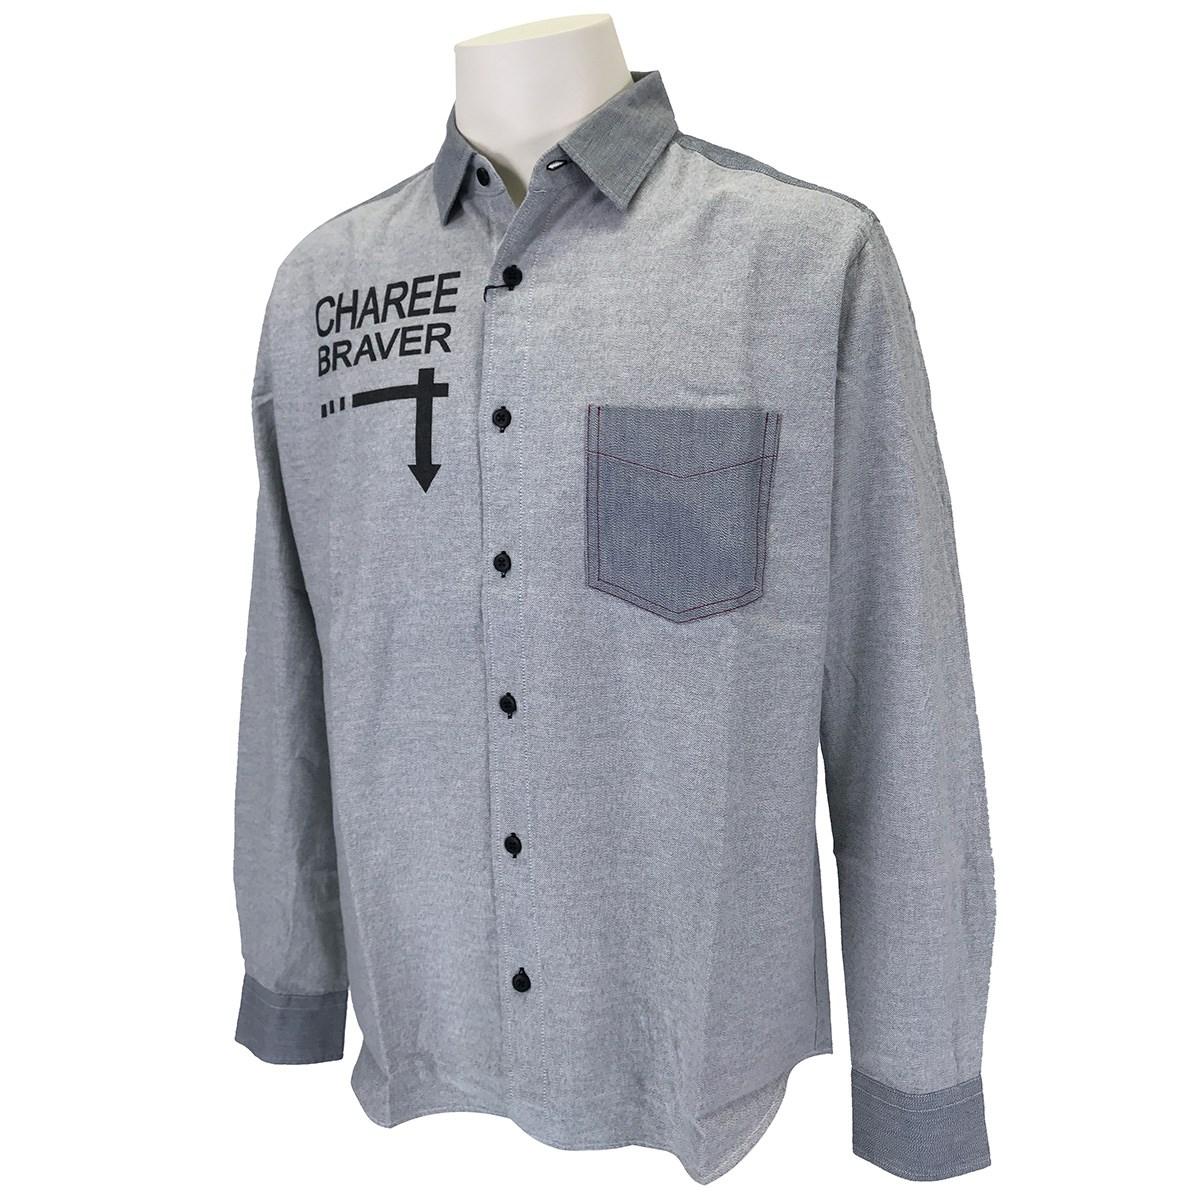 チャーリーブレイバー Charee Braver ロゴプリントレギュラーカラー長袖シャツ L ホワイト